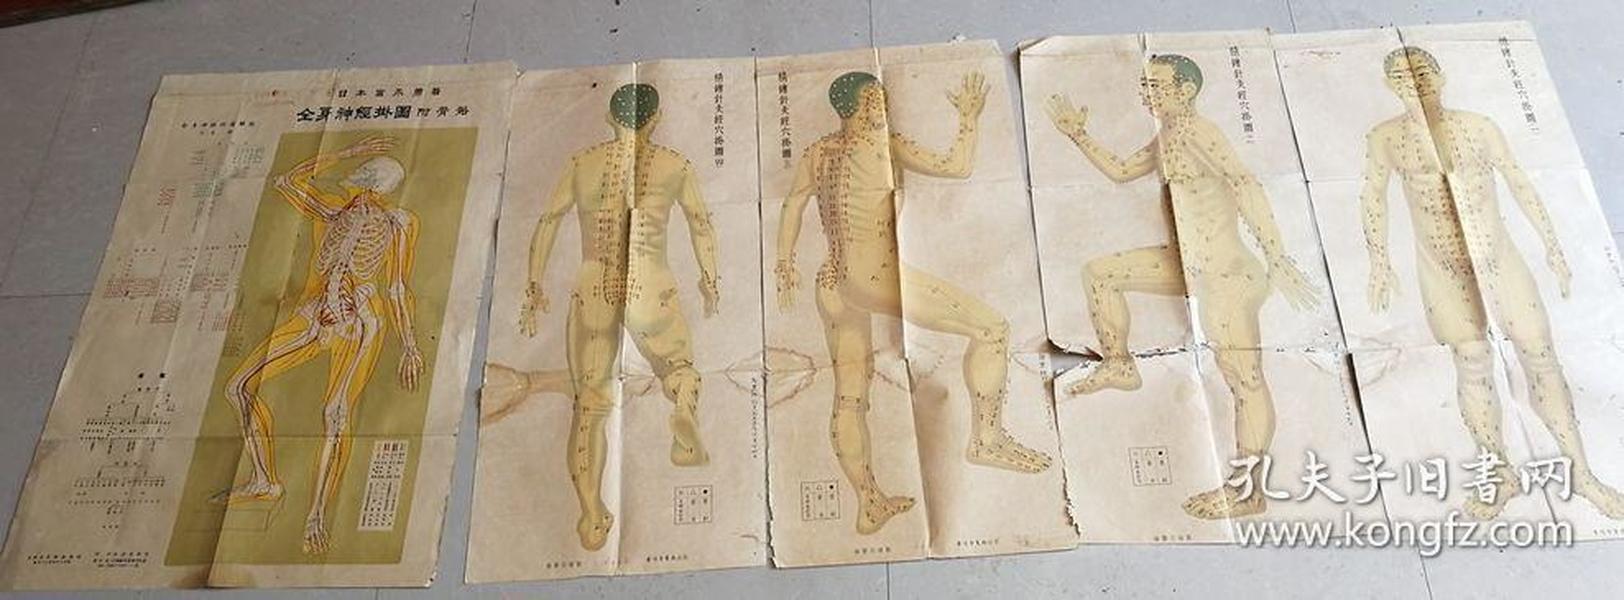 精美印刷民国针灸穴位彩图一套4张.日本名家骨骼经脉图一张